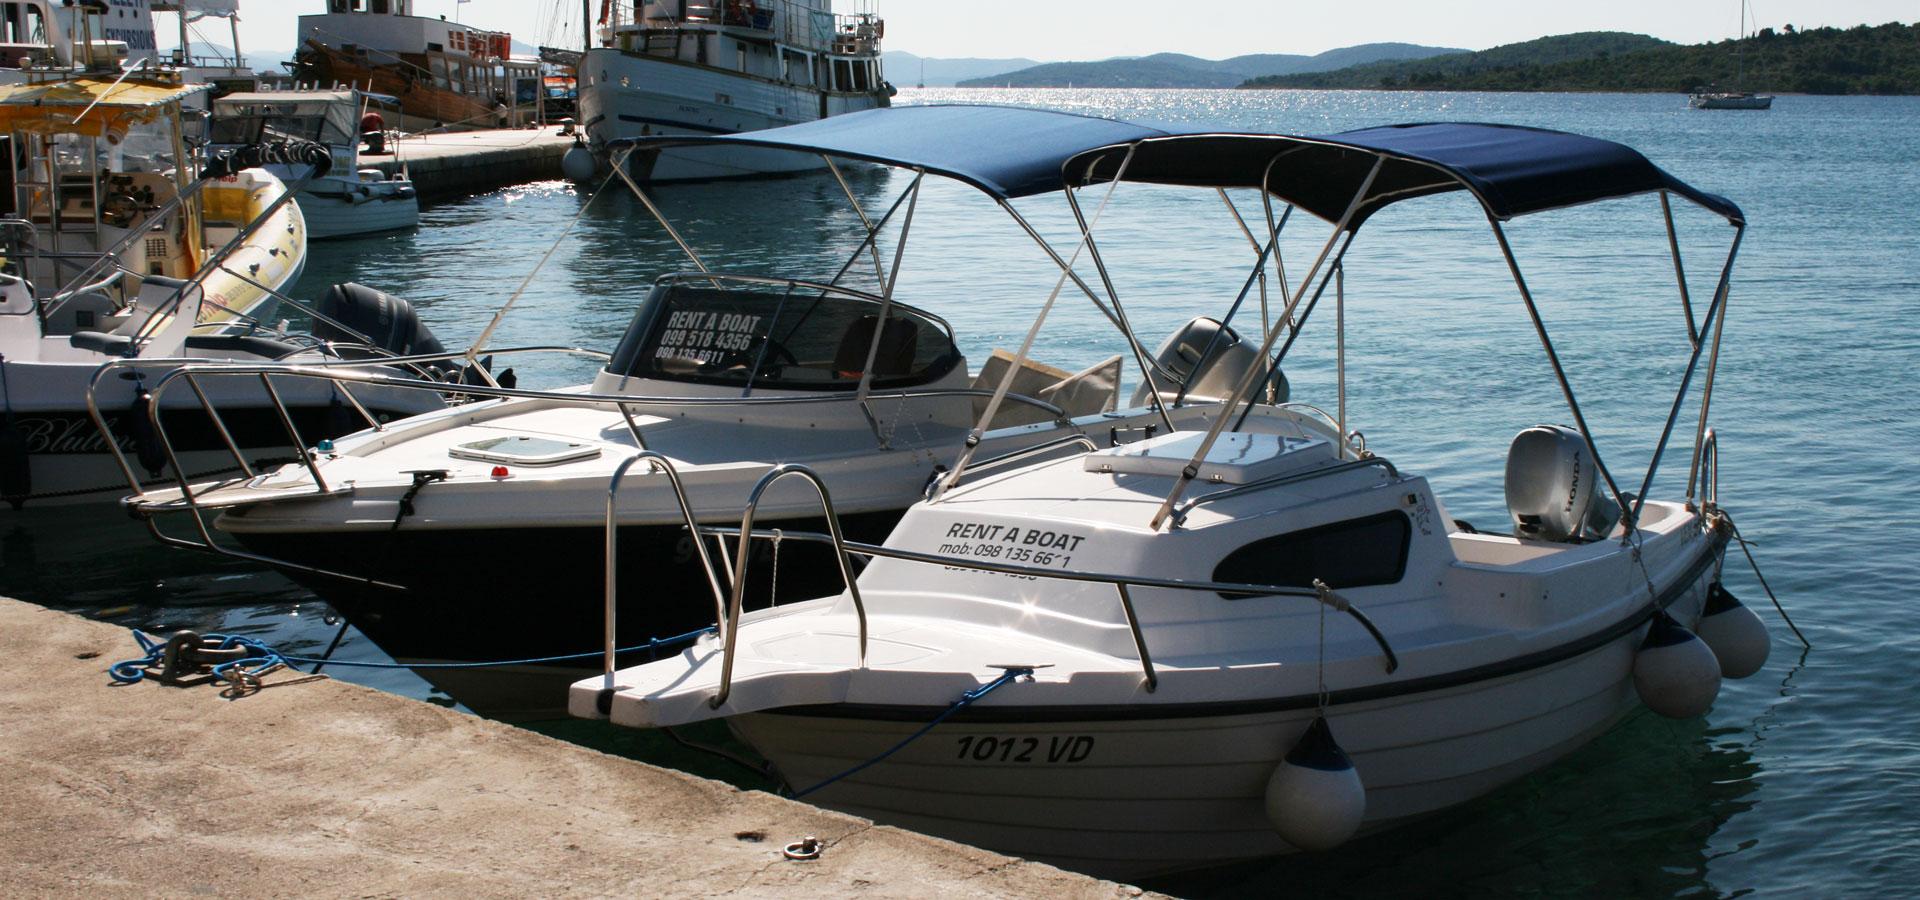 Varen met kleine motorboot in Kroatie